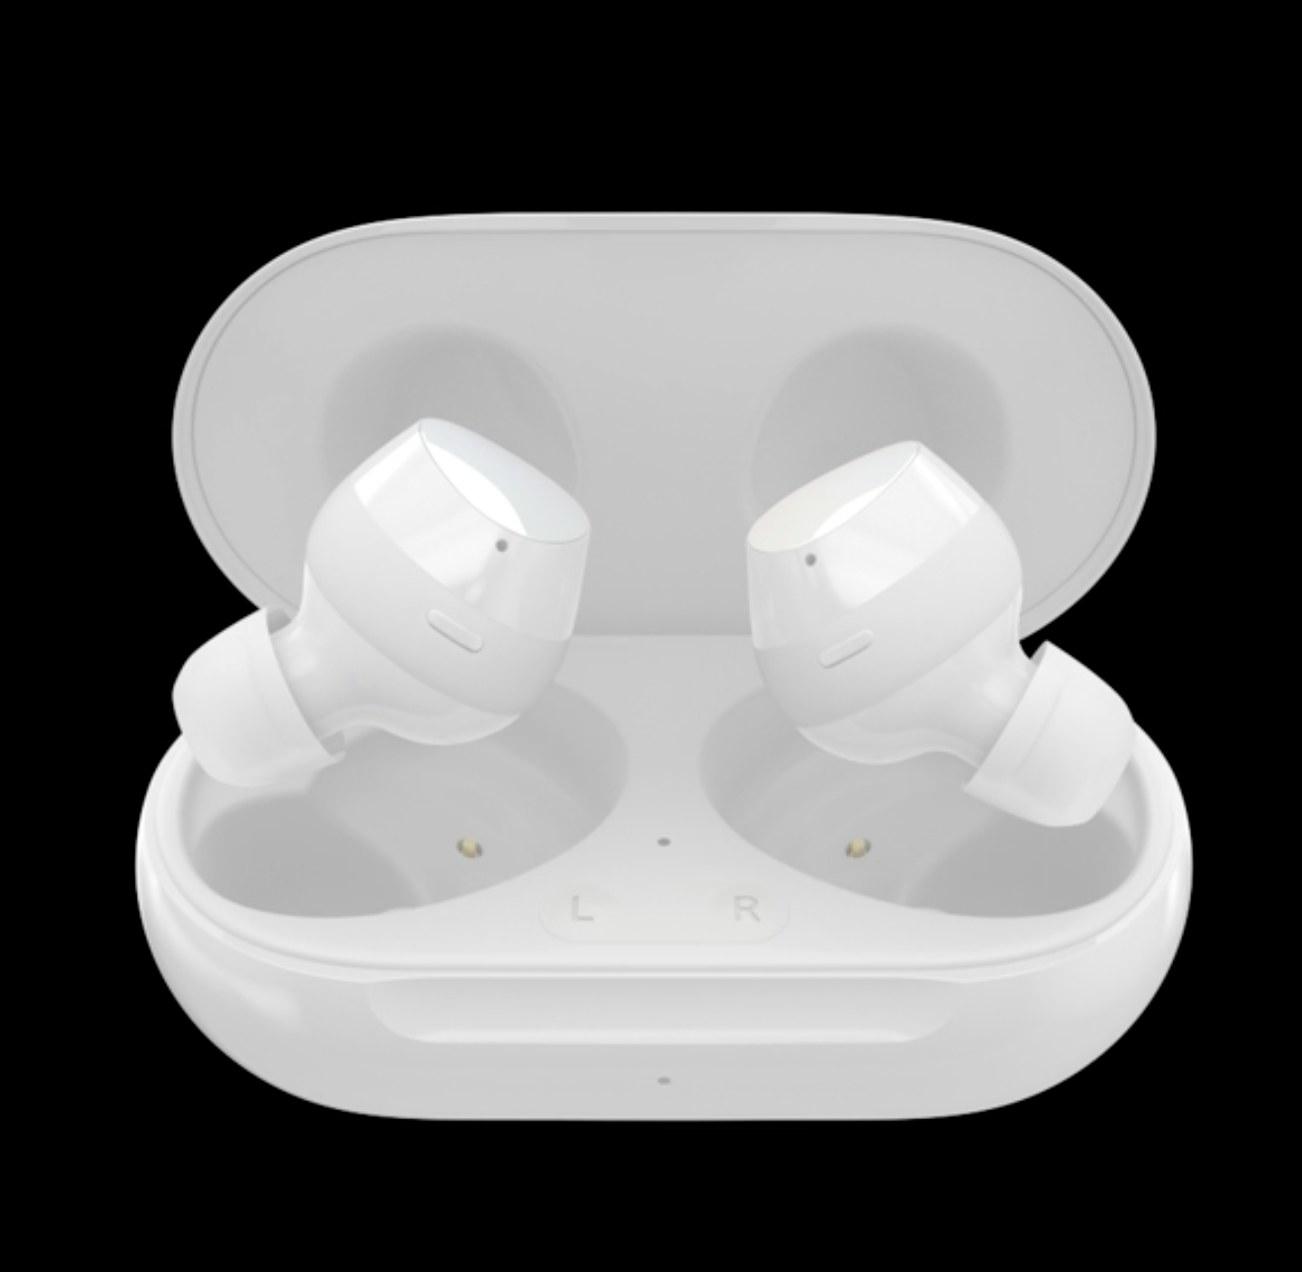 The wireless ear buds